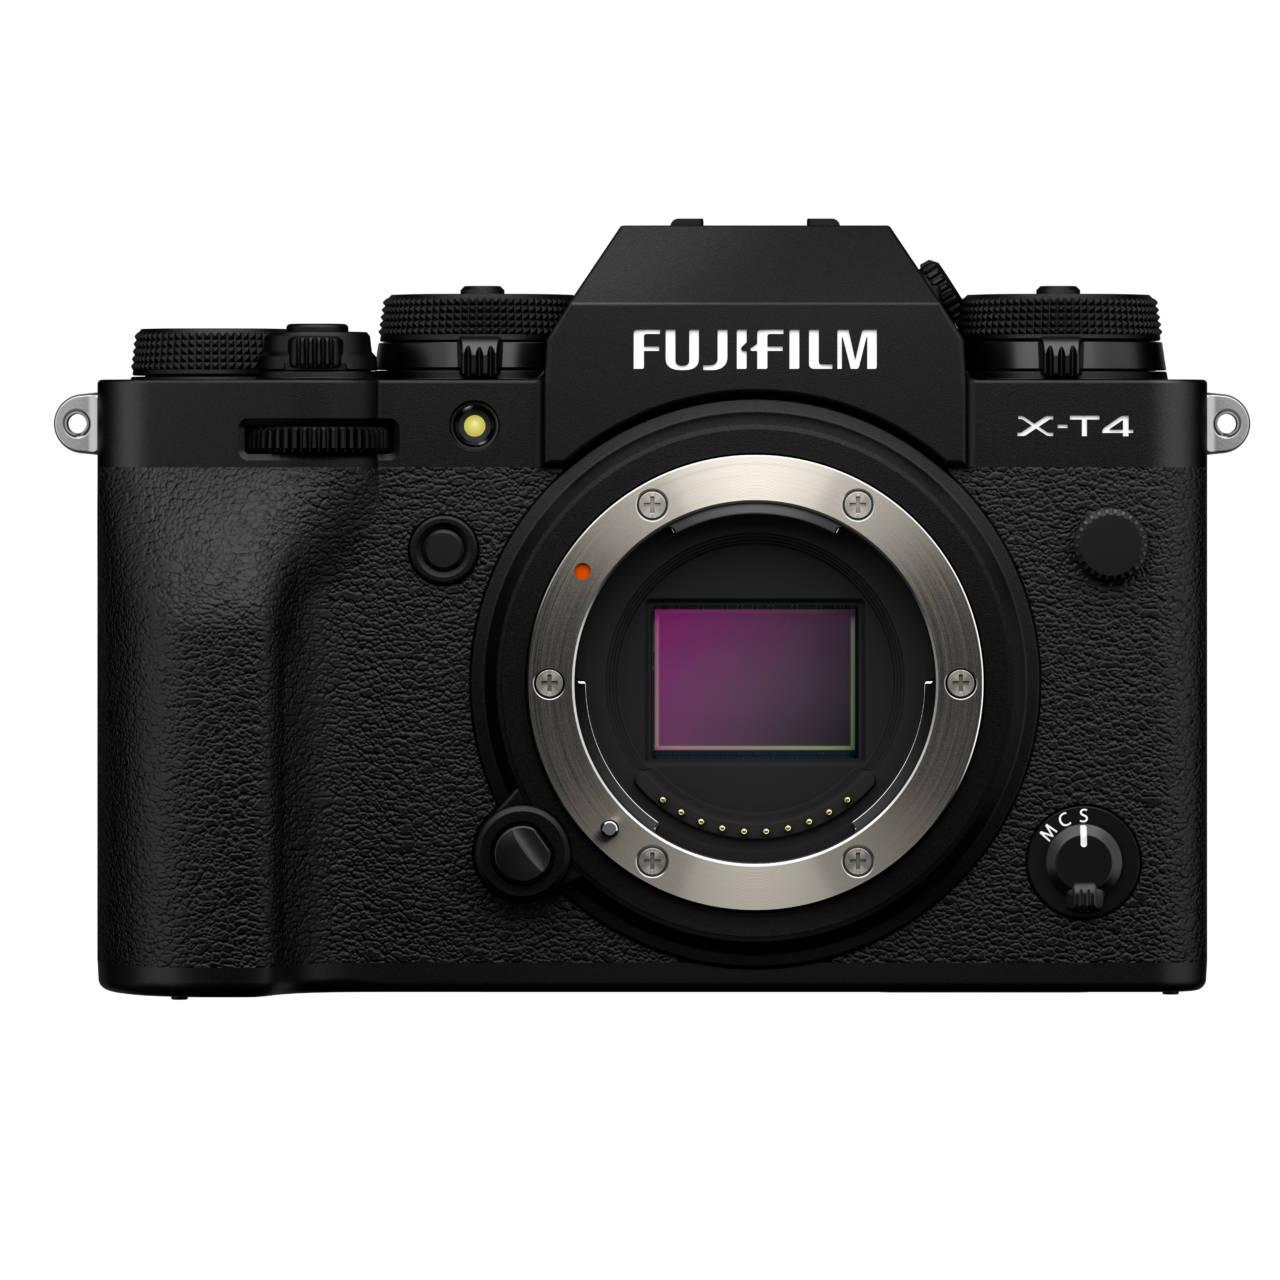 nueva fujifilm x-t4 en fotok